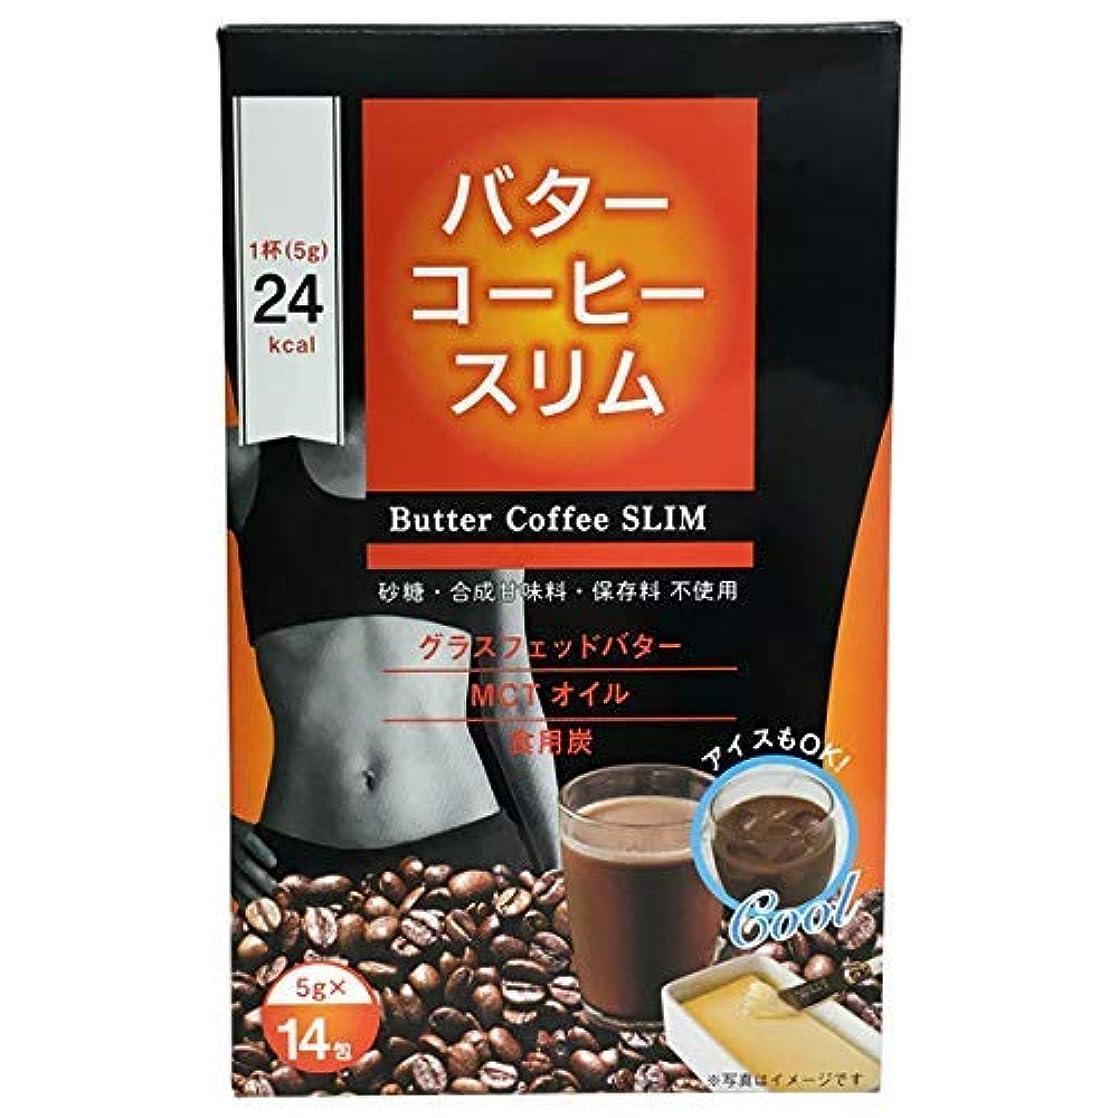 ルート誰でも噴出する【5個セット】バターコーヒースリム 14包